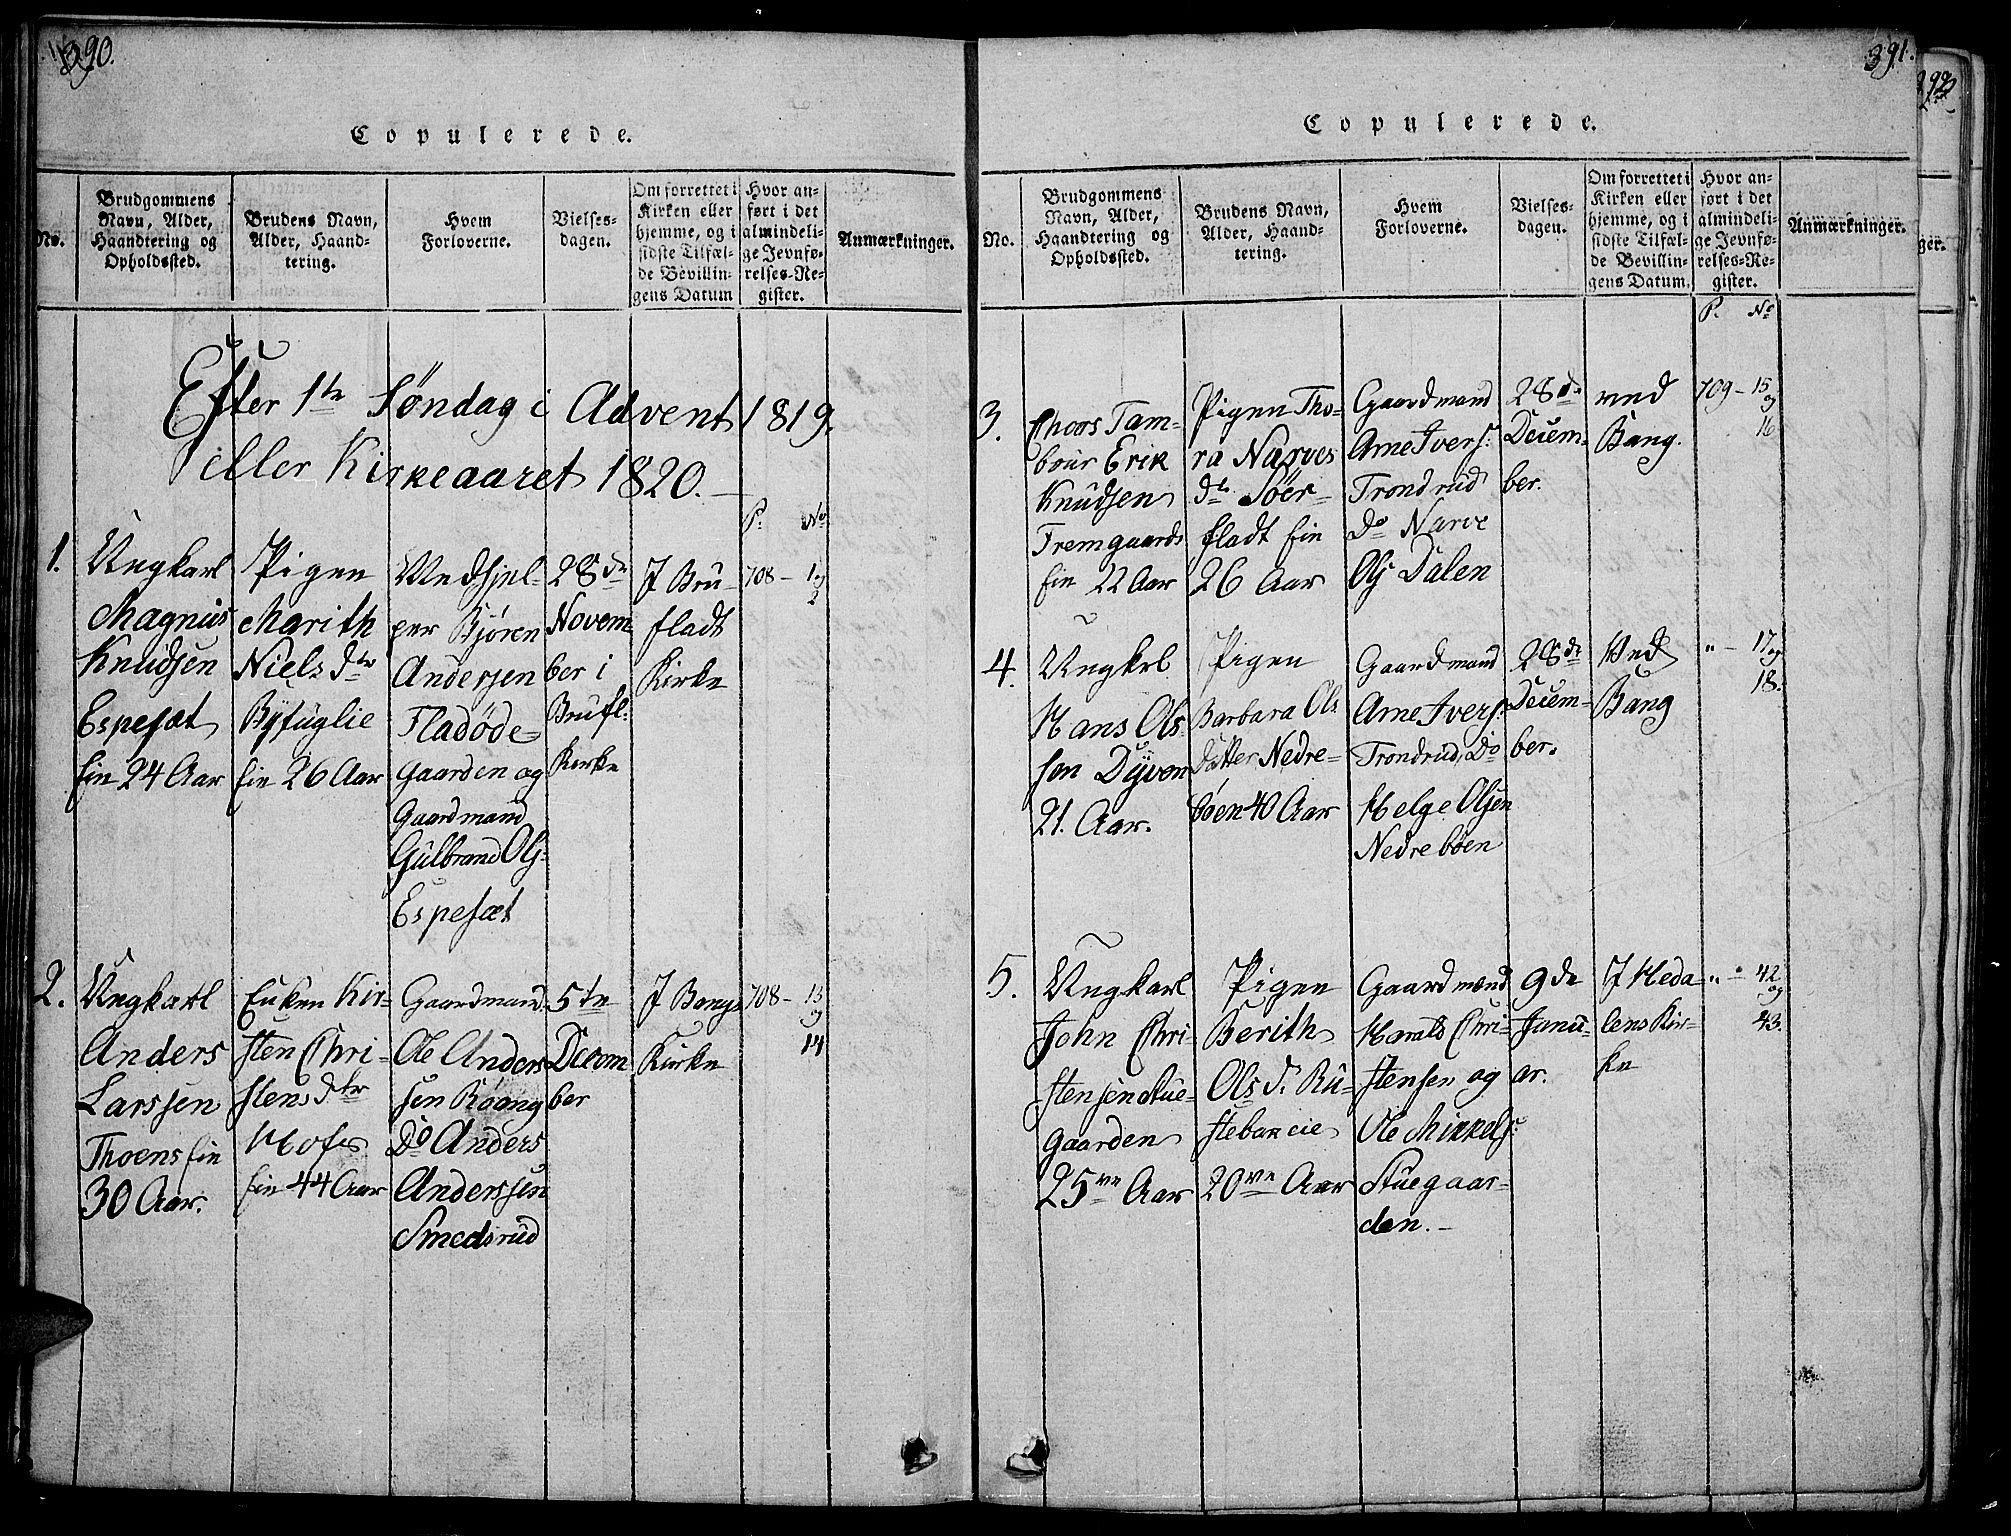 SAH, Sør-Aurdal prestekontor, Klokkerbok nr. 1, 1815-1826, s. 390-391